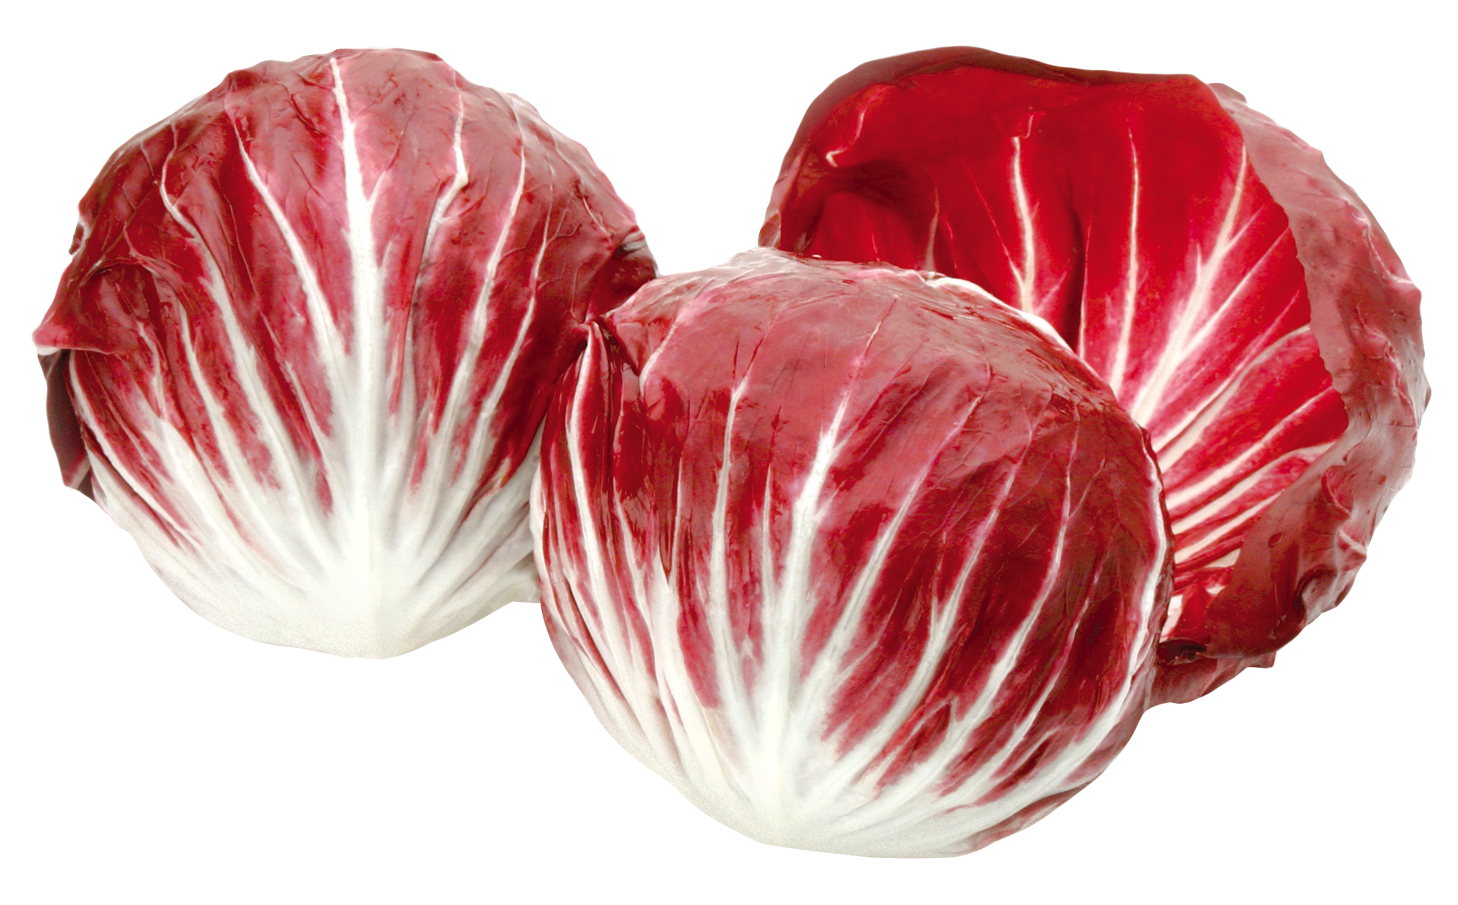 Radicchio,Red salad